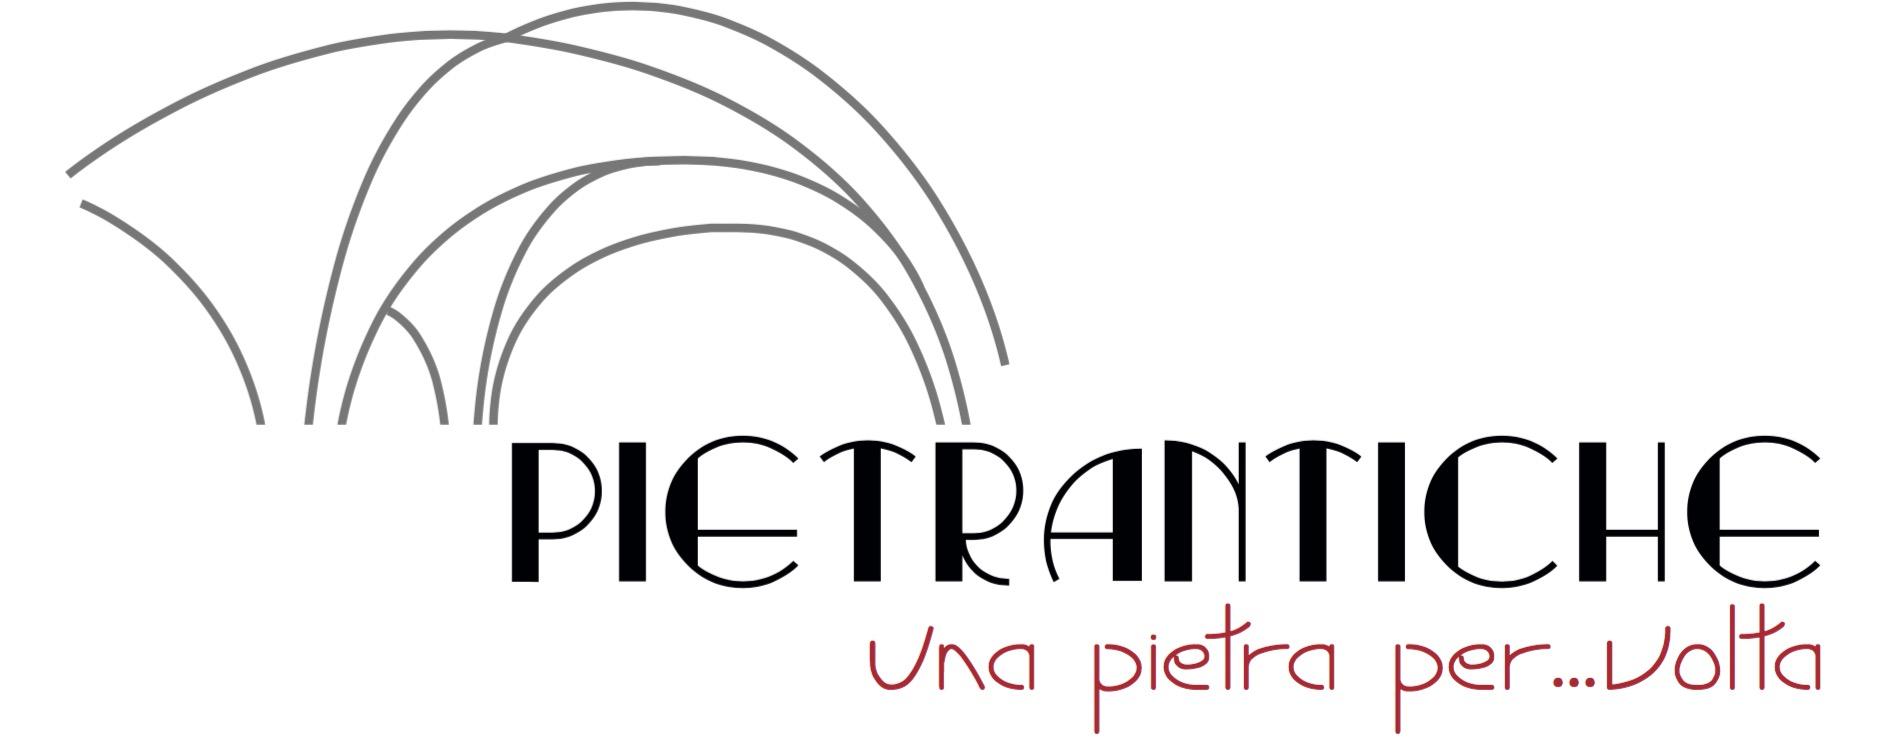 Pietrantiche logo NEW